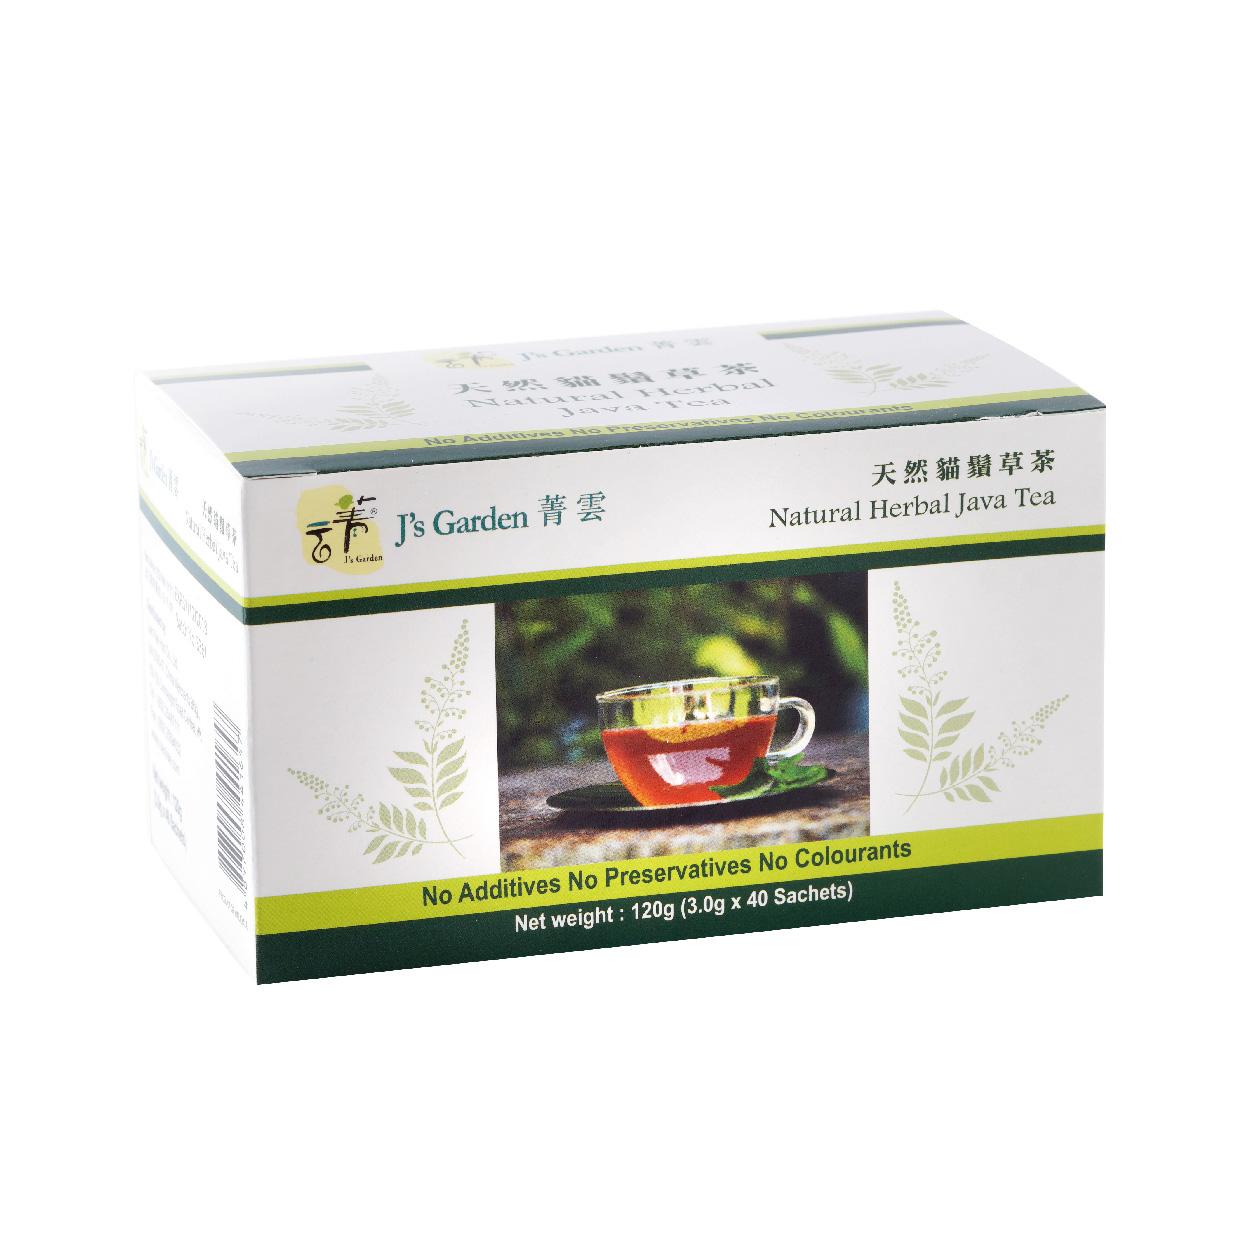 菁雲 貓鬚草120g (每盒 40 茶包)